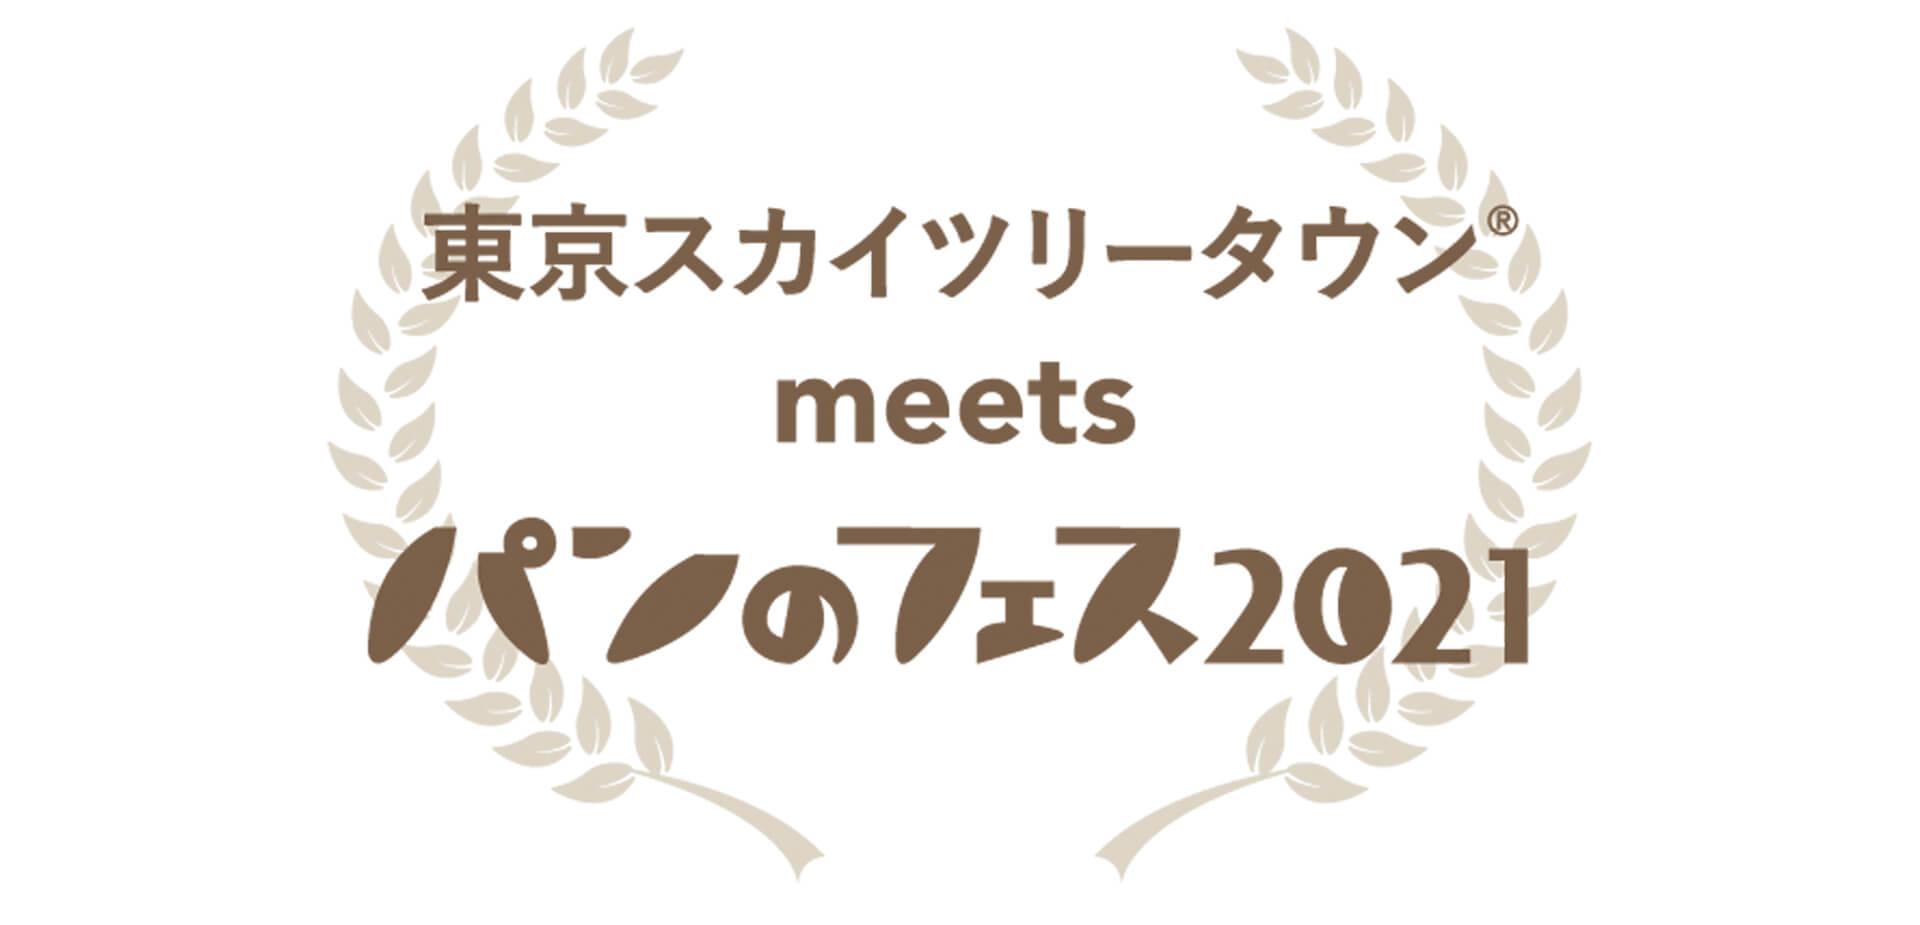 東京スカイツリータウン meets パンのフェス 2021